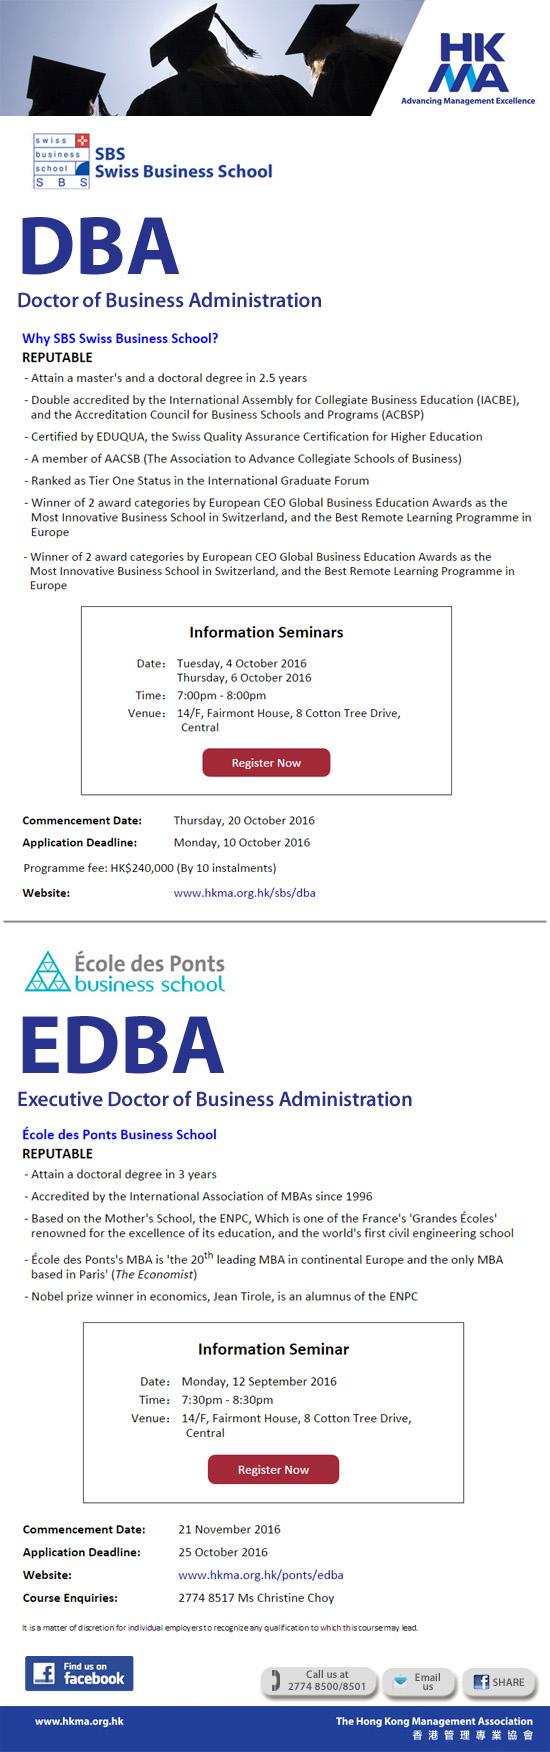 Information Seminars for DBA & EDBA